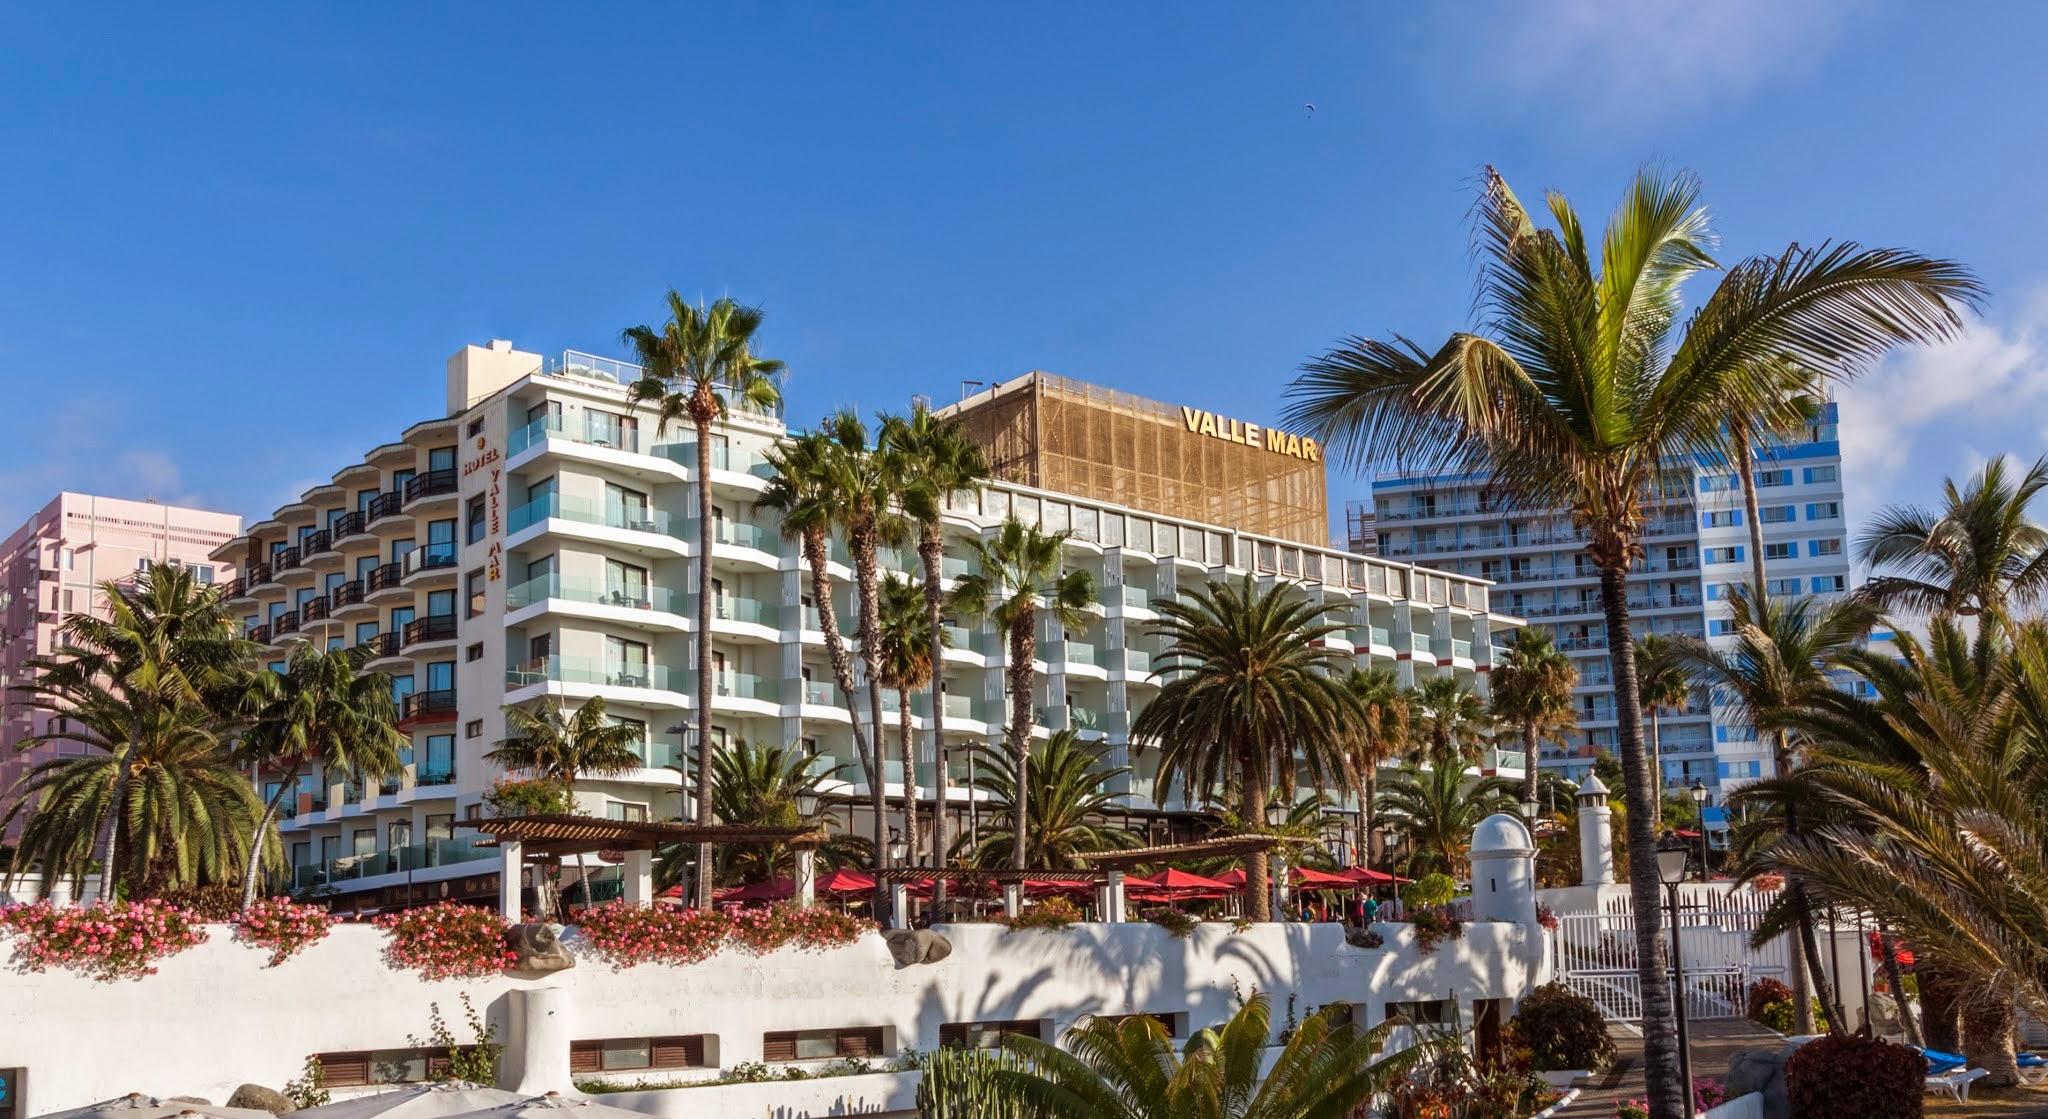 Oferta nochevieja en hotel vallemar 4 el puerto de la cruz - Hotel vallemar puerto de la cruz ...